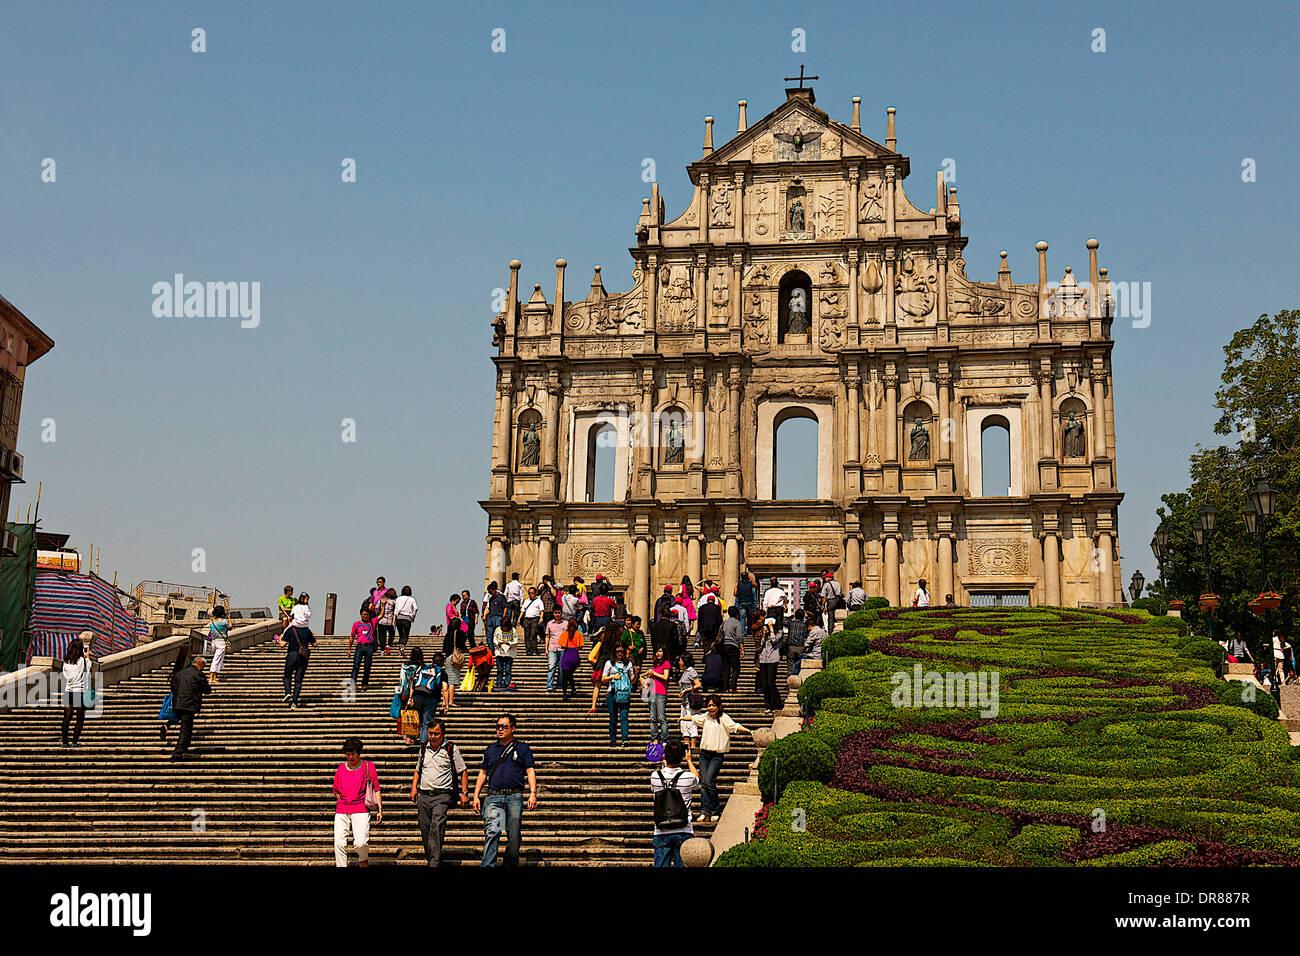 Rovine della Cattedrale di San Paolo, Macau, Cina Immagini Stock